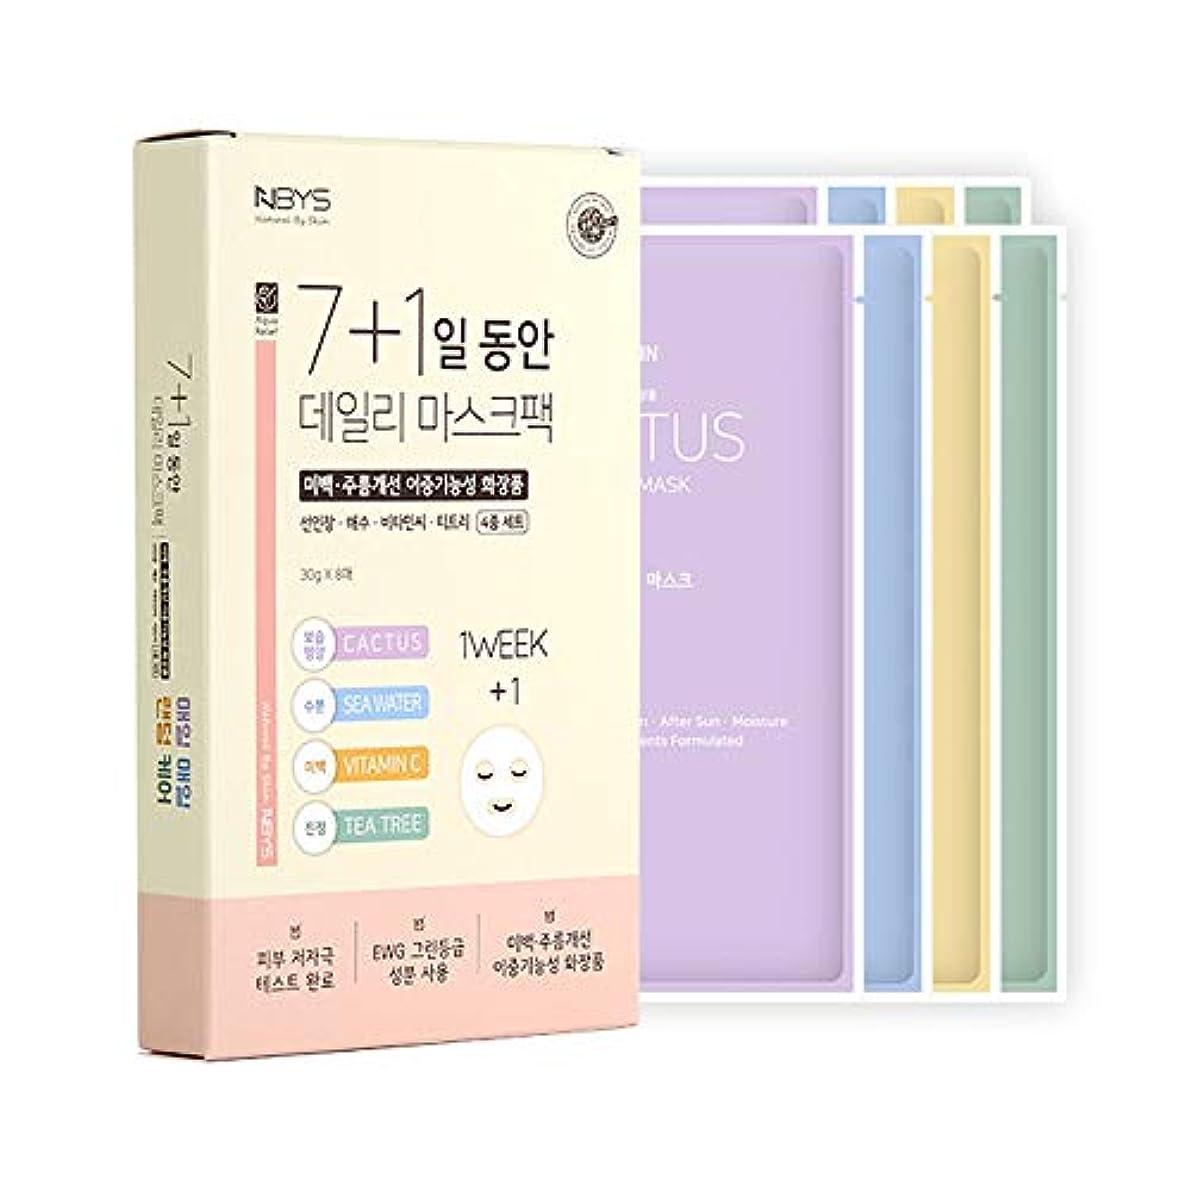 魔女枠しわ[NBYS] 7+1 NBYS RE Your Skin Mask フェイスパック 8枚セット [並行輸入品]